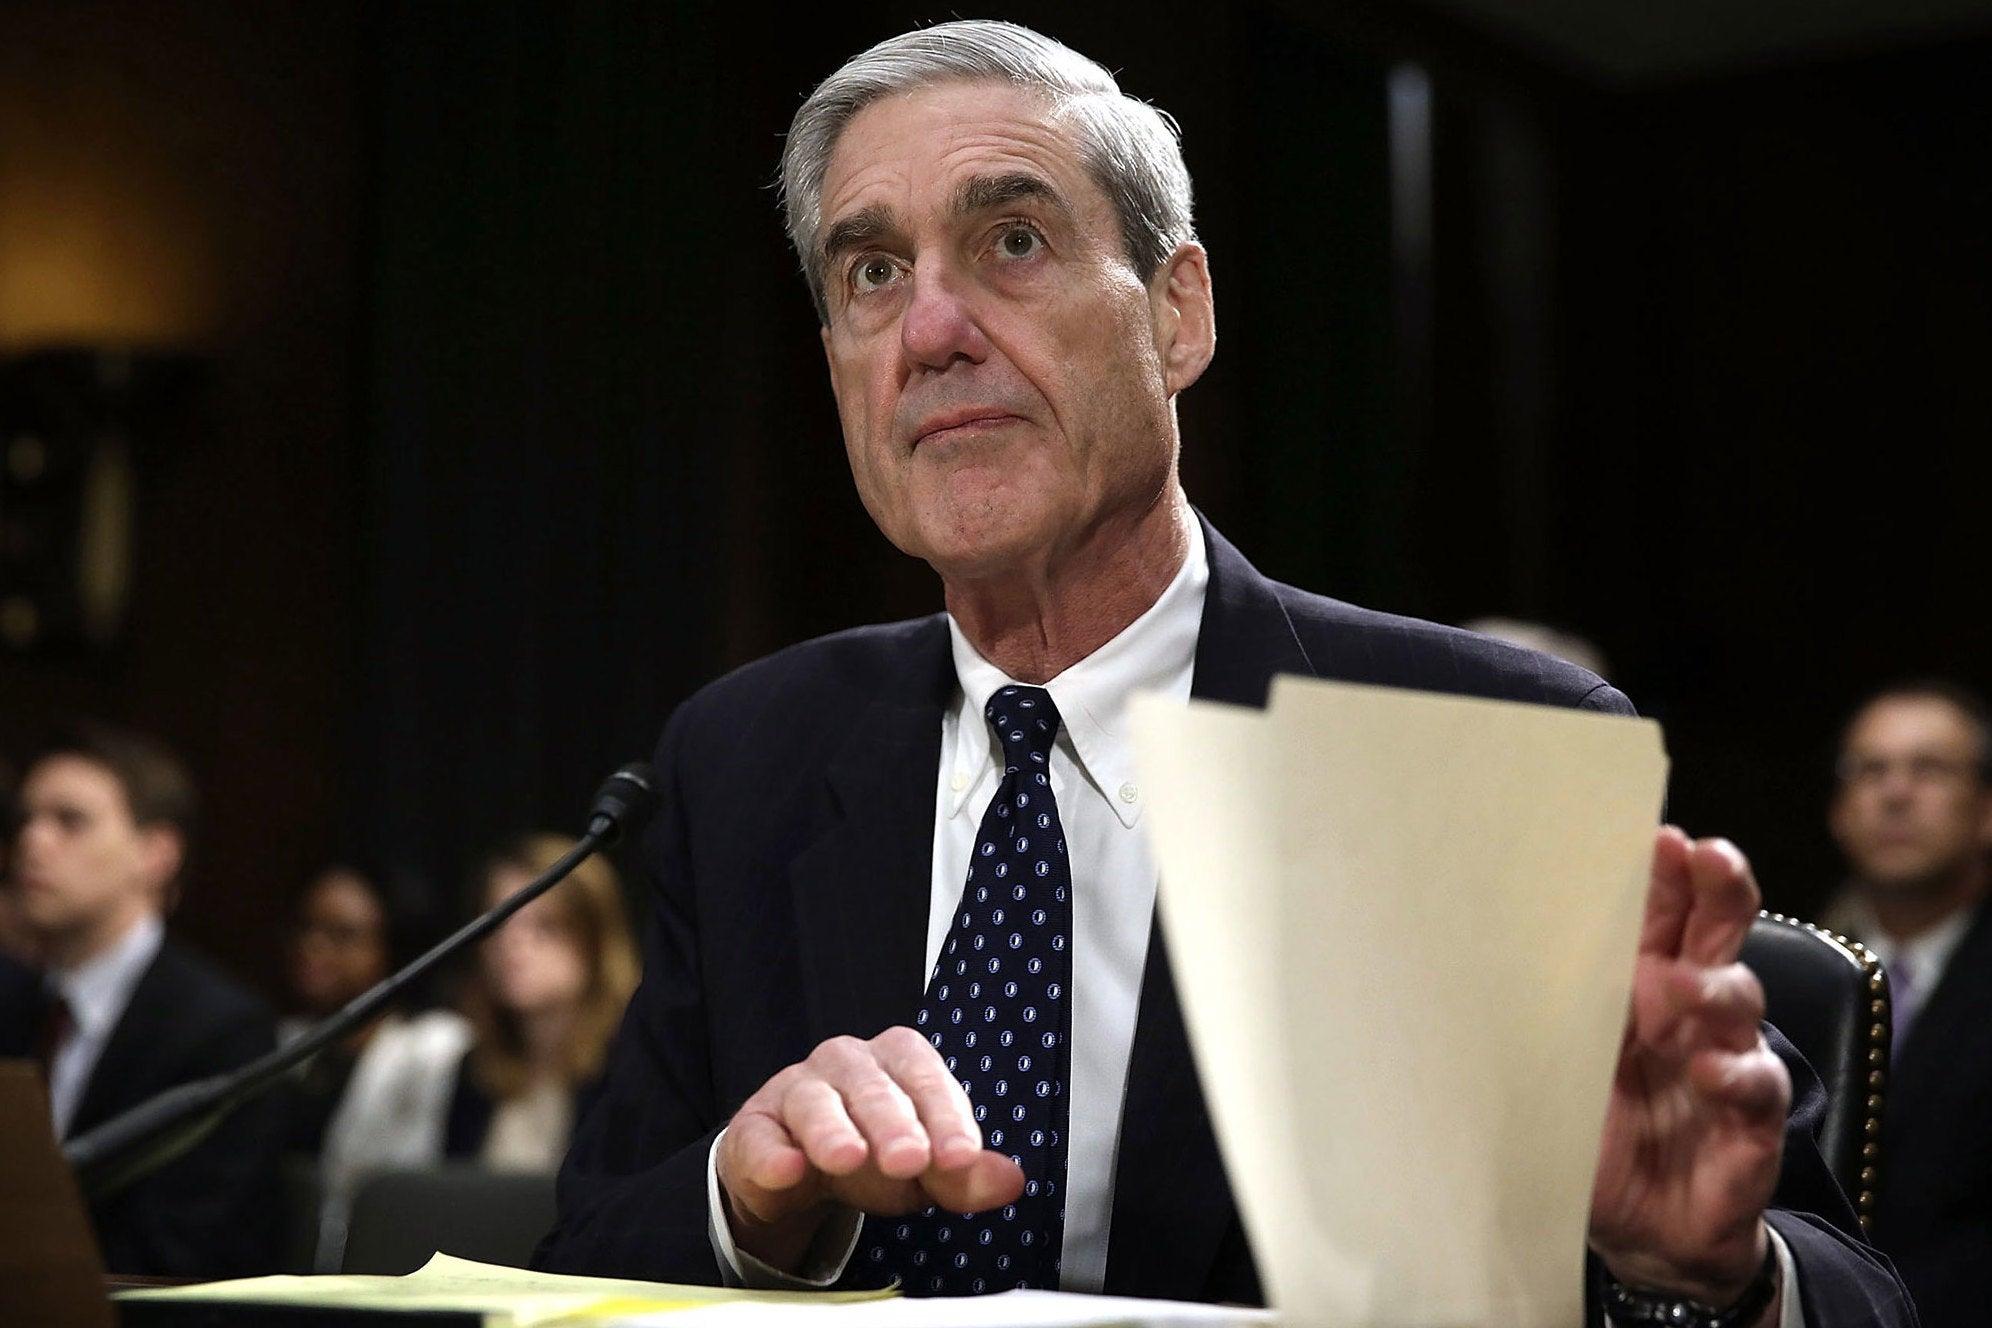 Investigación de Mueller - actualizaciones en vivo: el abogado de Trump Giuliani dice que el equipo de abogados especiales cree que Manafort mintió sobre el presidente